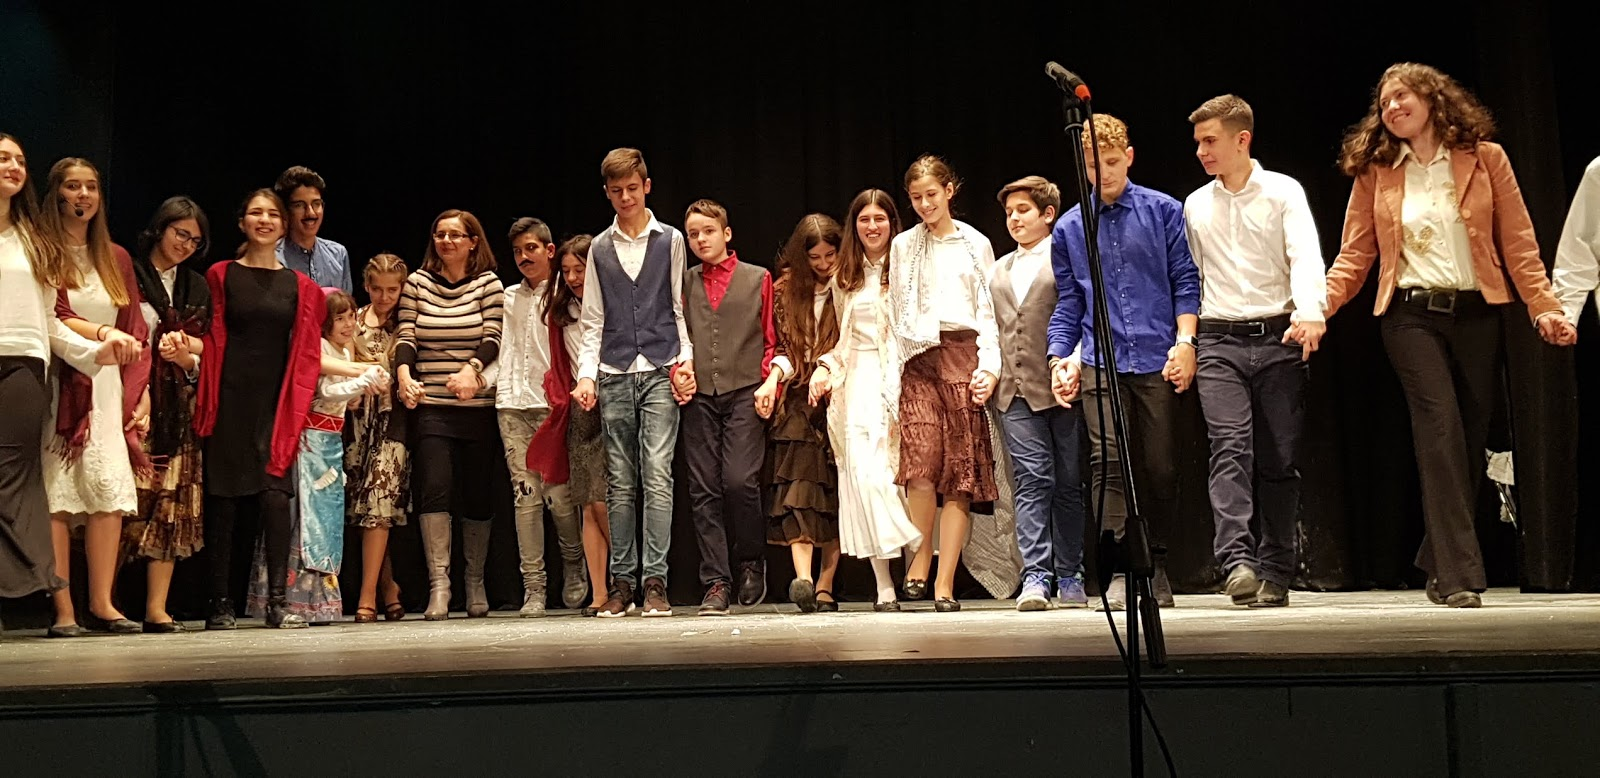 Γέμισε το Δημοτικό Θέατρο θεατρική παράσταση  του 2 ο  Γυμνάσιο Πυλαίας «Έδωσα υπόσχεση»